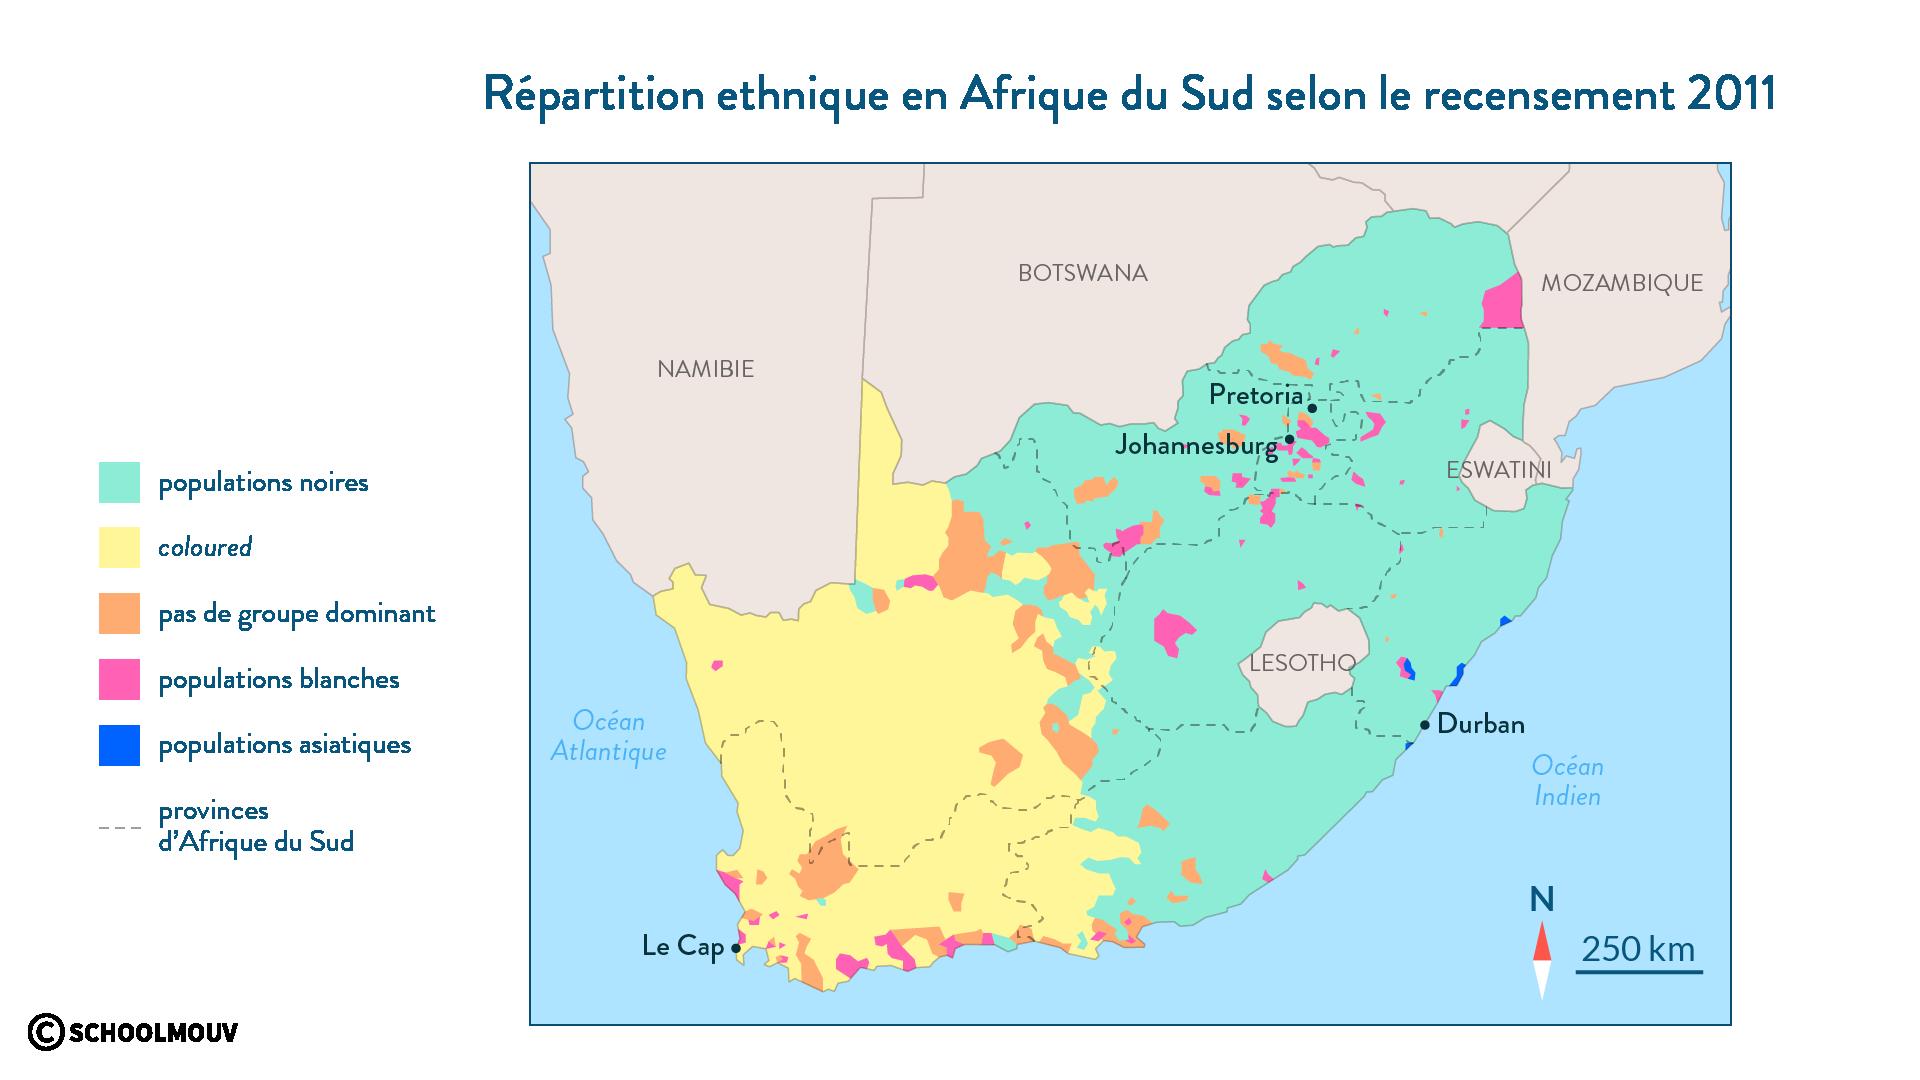 Répartition ethnique en Afrique duSud selon le recensement de 2011 - schoolmouv - 2de - géo